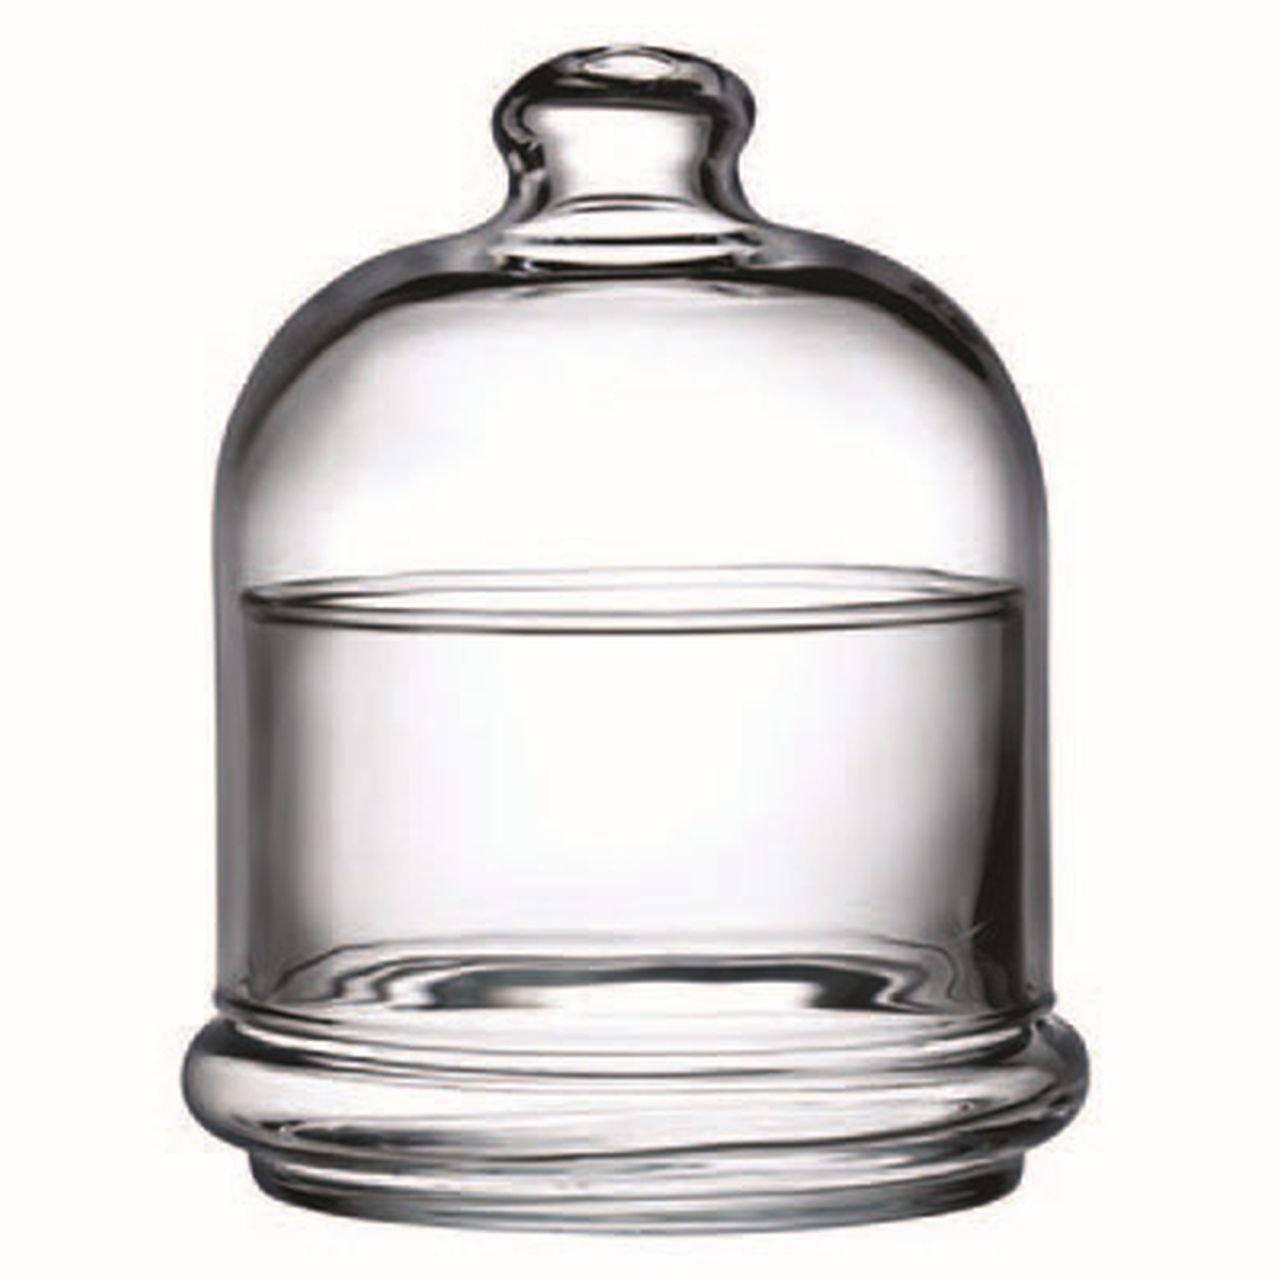 Unbekannt Konfetti-Box mit Kuppel und Glasuntertasse cl 22 cod.23.98973 cm 10h diam.9 by Varotto & Co.